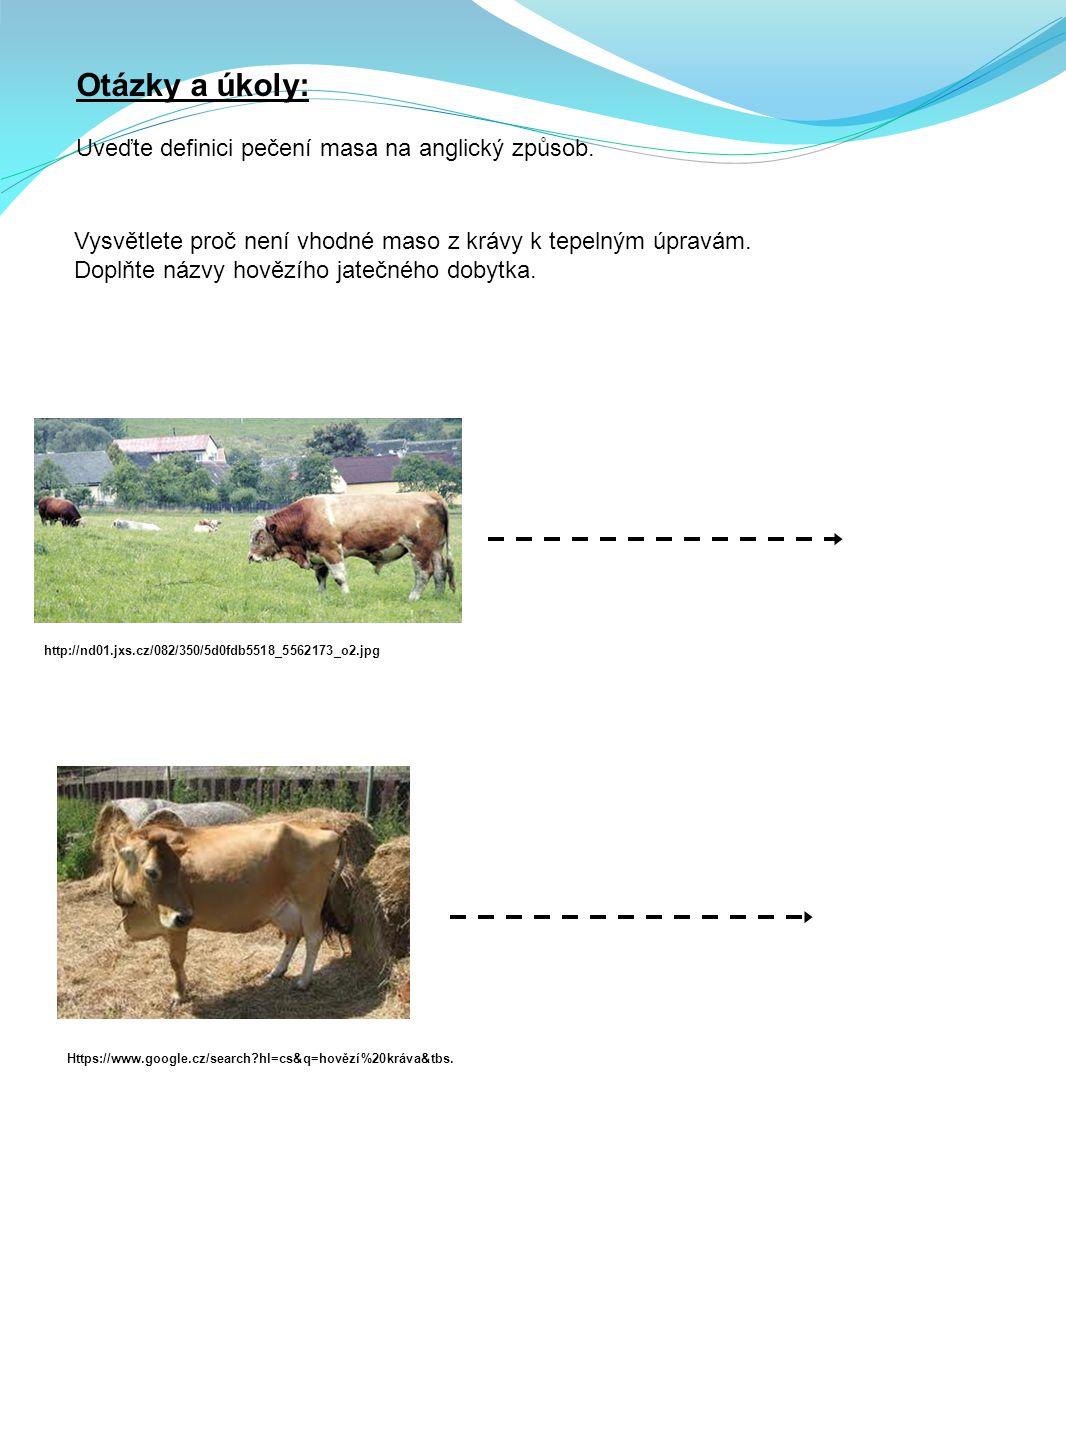 Otázky a úkoly: Uveďte definici pečení masa na anglický způsob.